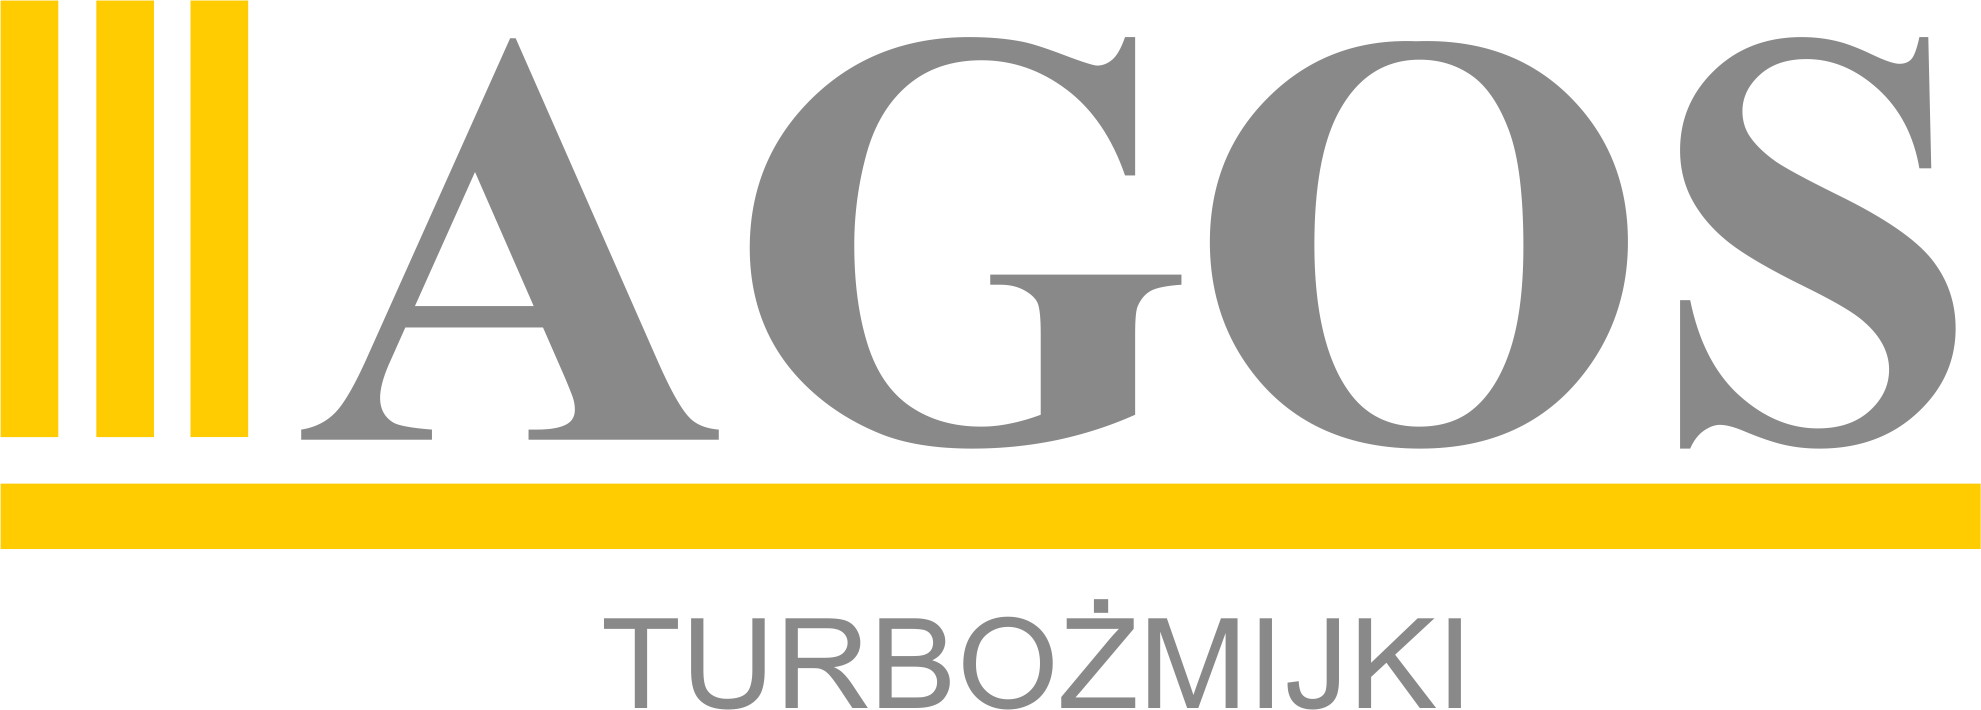 Turbożmijki AGOS